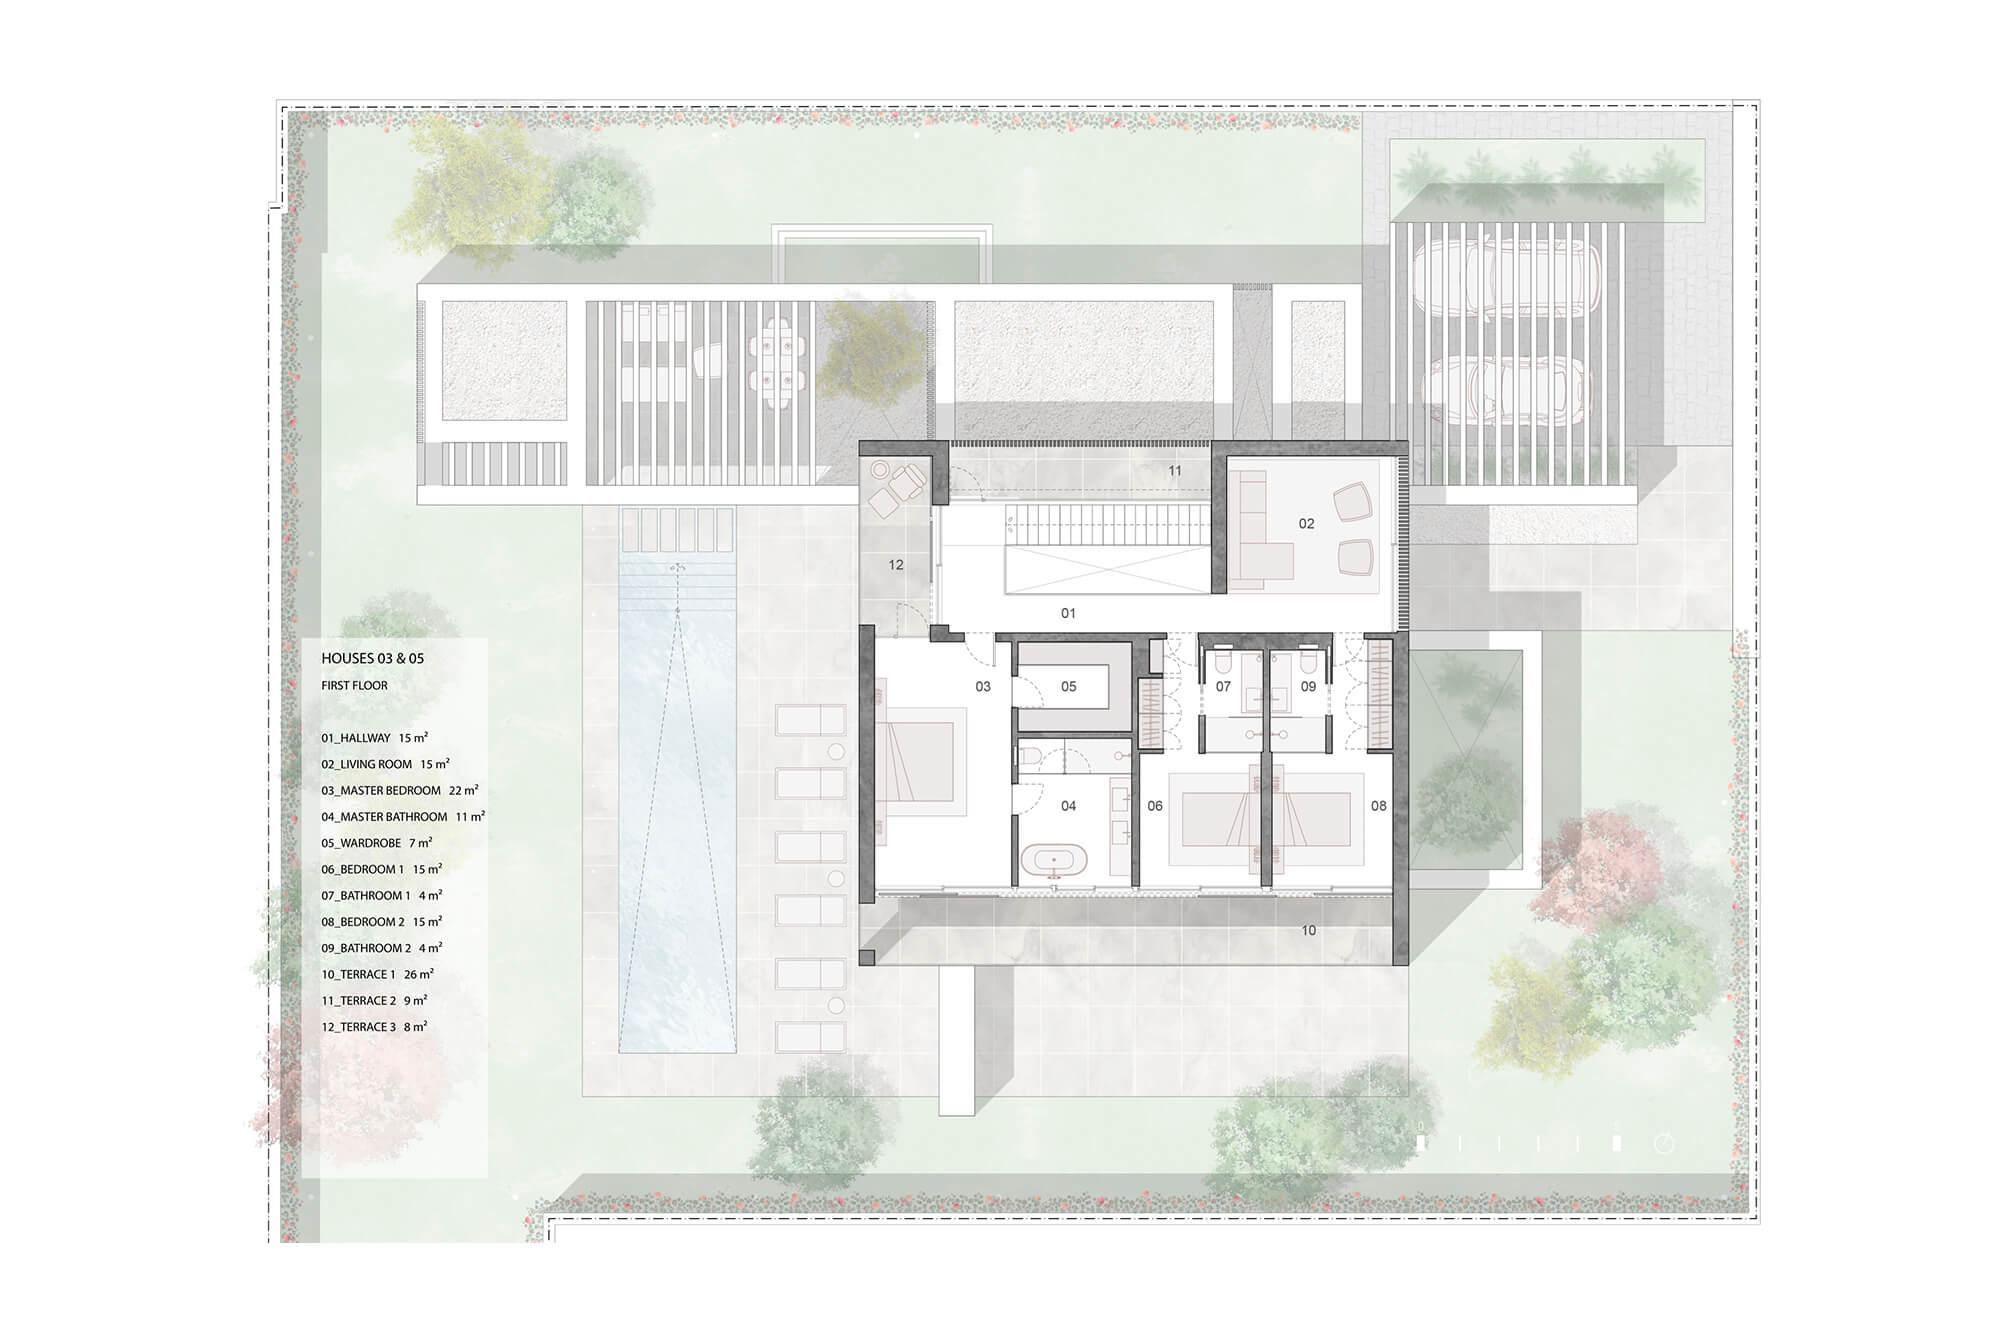 cortijo blanco beach villa vamoz te koop marbella costa del sol spanje nieuwbouw grondplan 2 verdieping